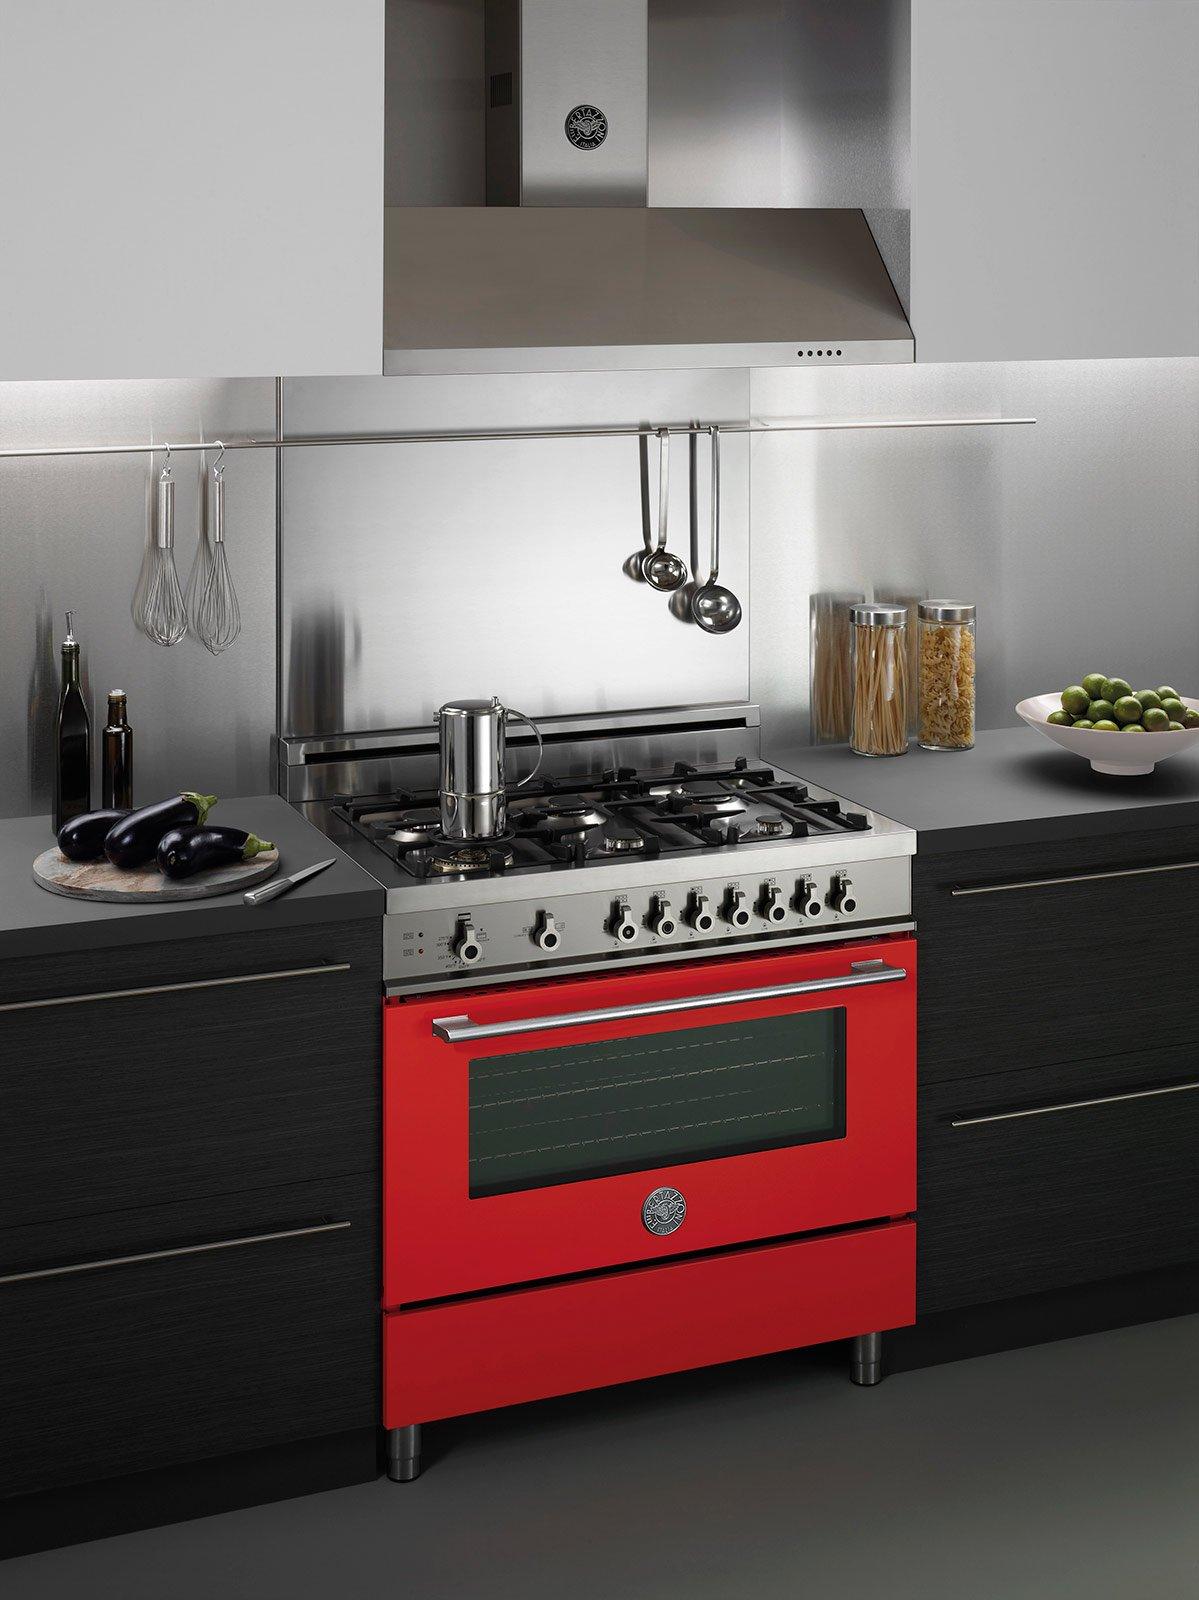 Cucina monoblocco piano cottura e forno tutto in uno - Piano appoggio cucina ...